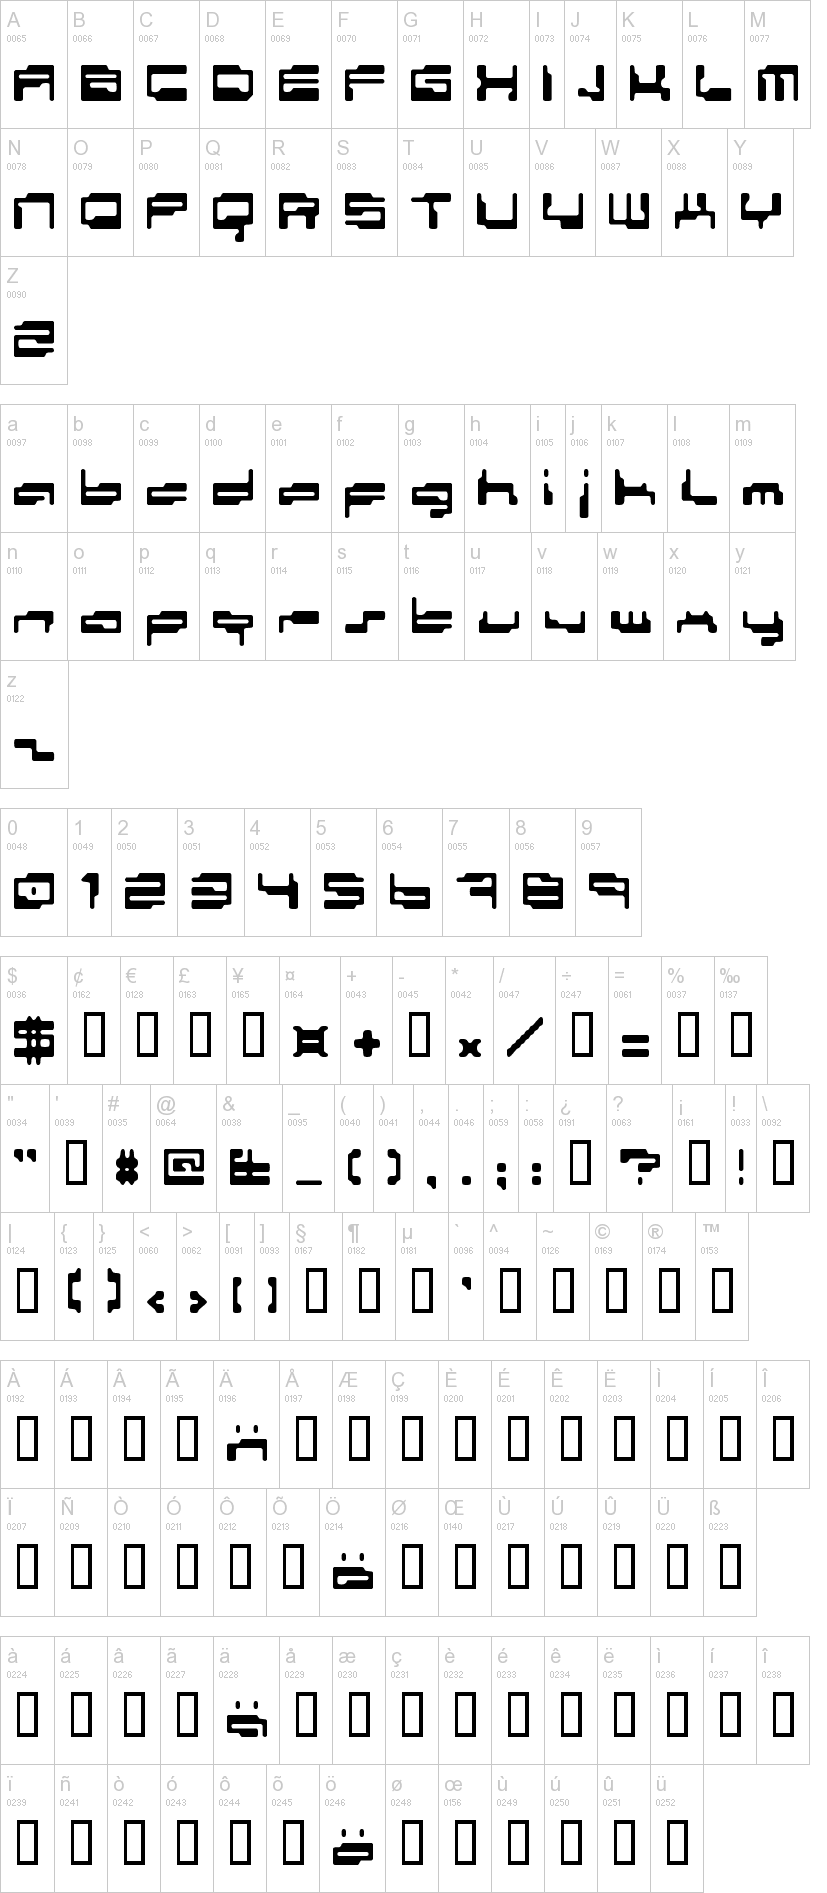 Personal Computer Font | dafont com